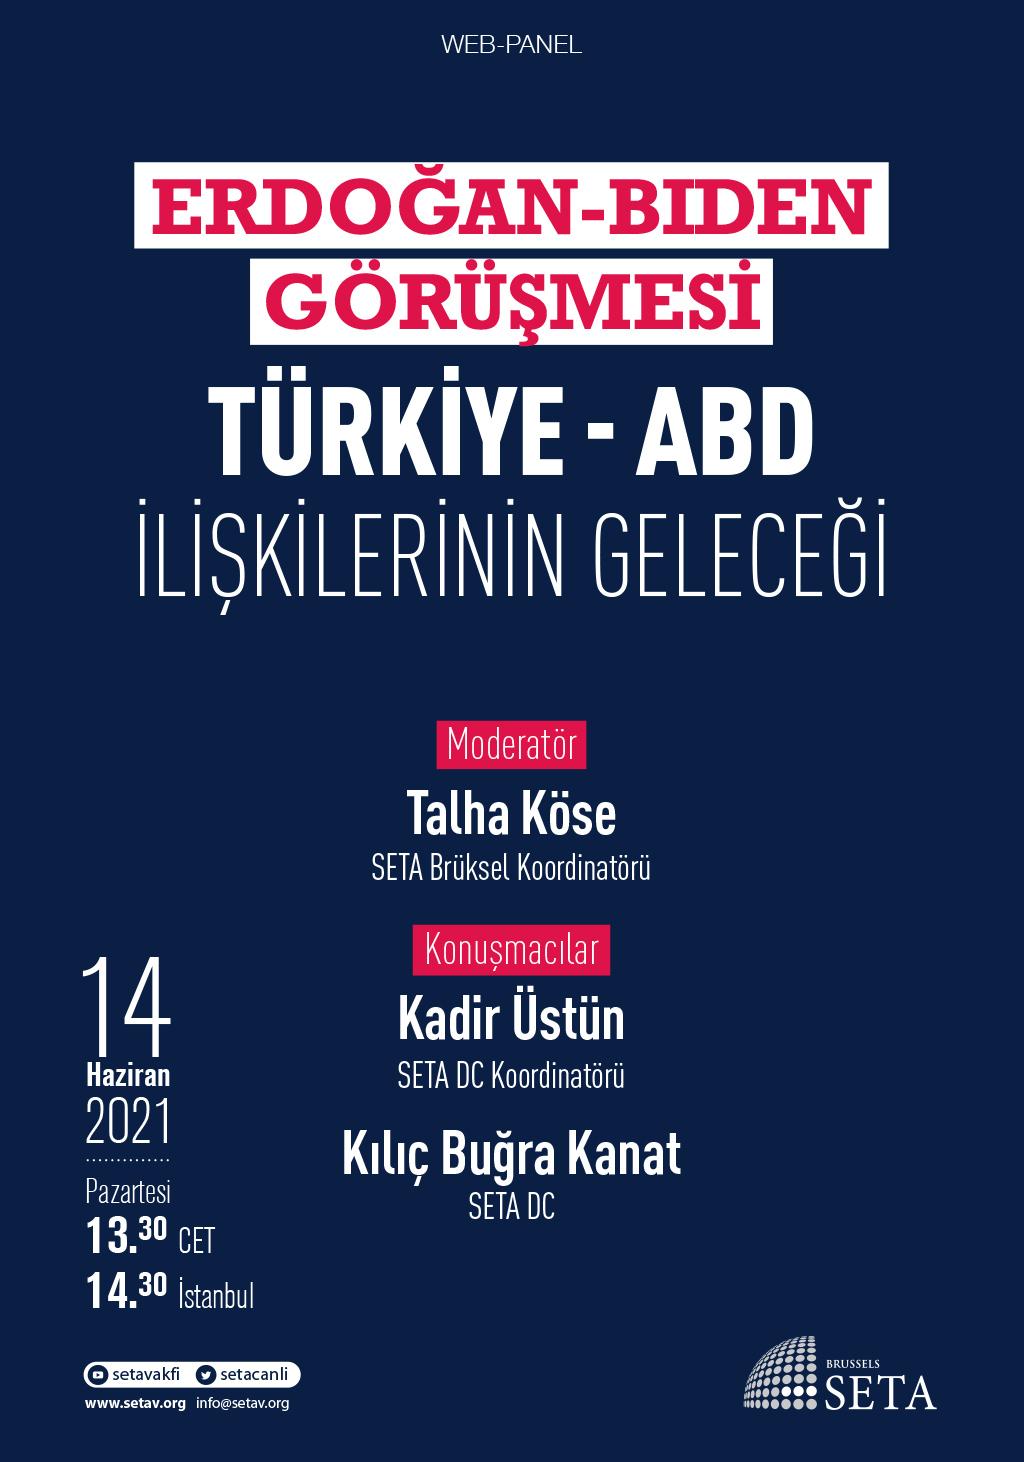 Web Panel: Erdoğan-Biden Görüşmesi   Türkiye-ABD İlişkilerinin Geleceği